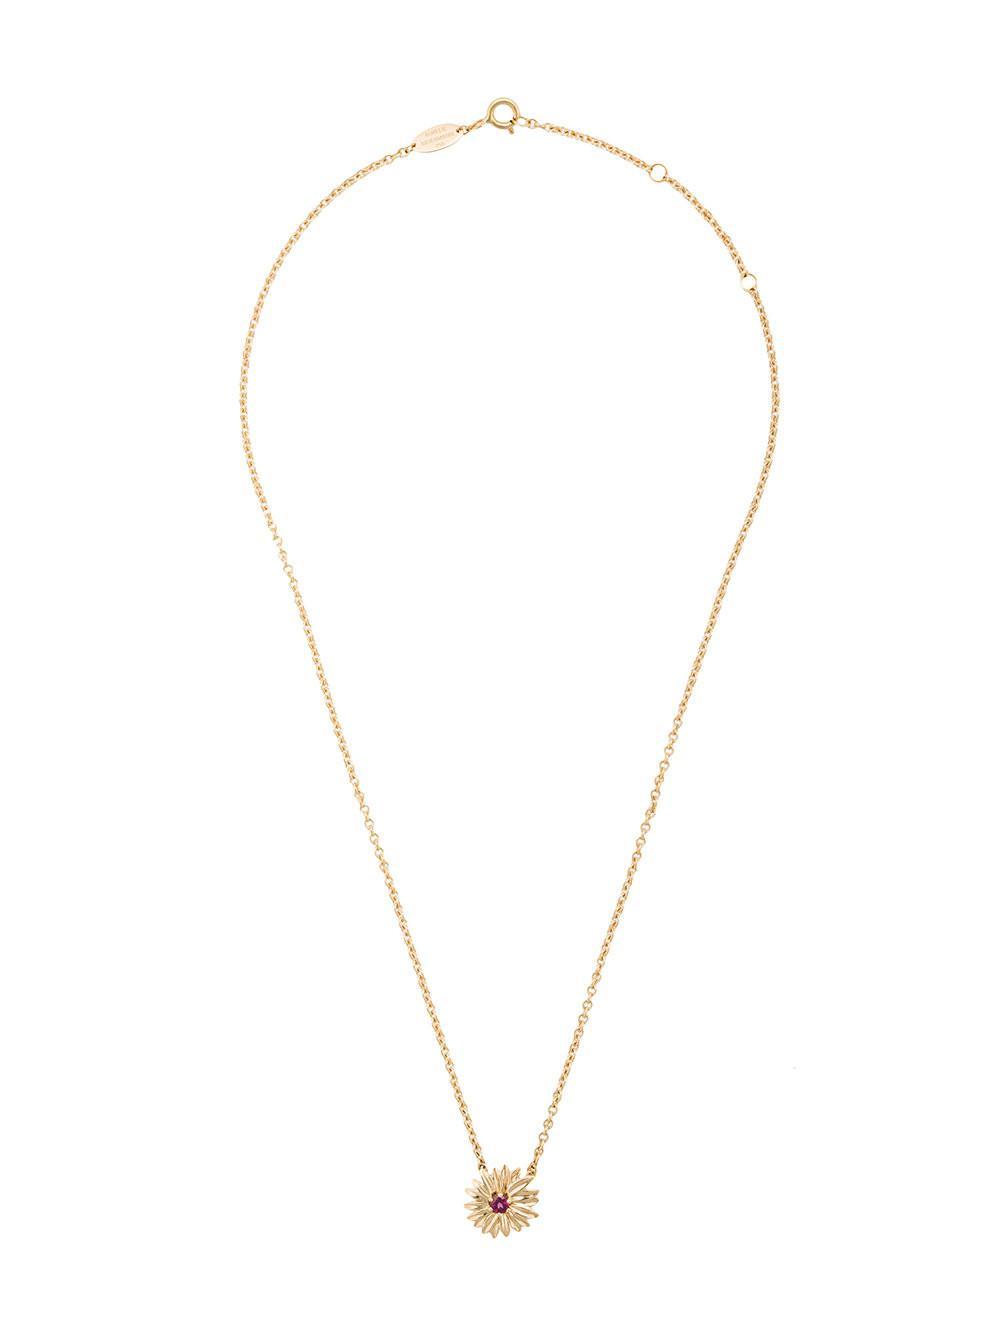 Aurelie Bidermann 18kt Gold Bouquet Necklace in Metallic - Save 14%